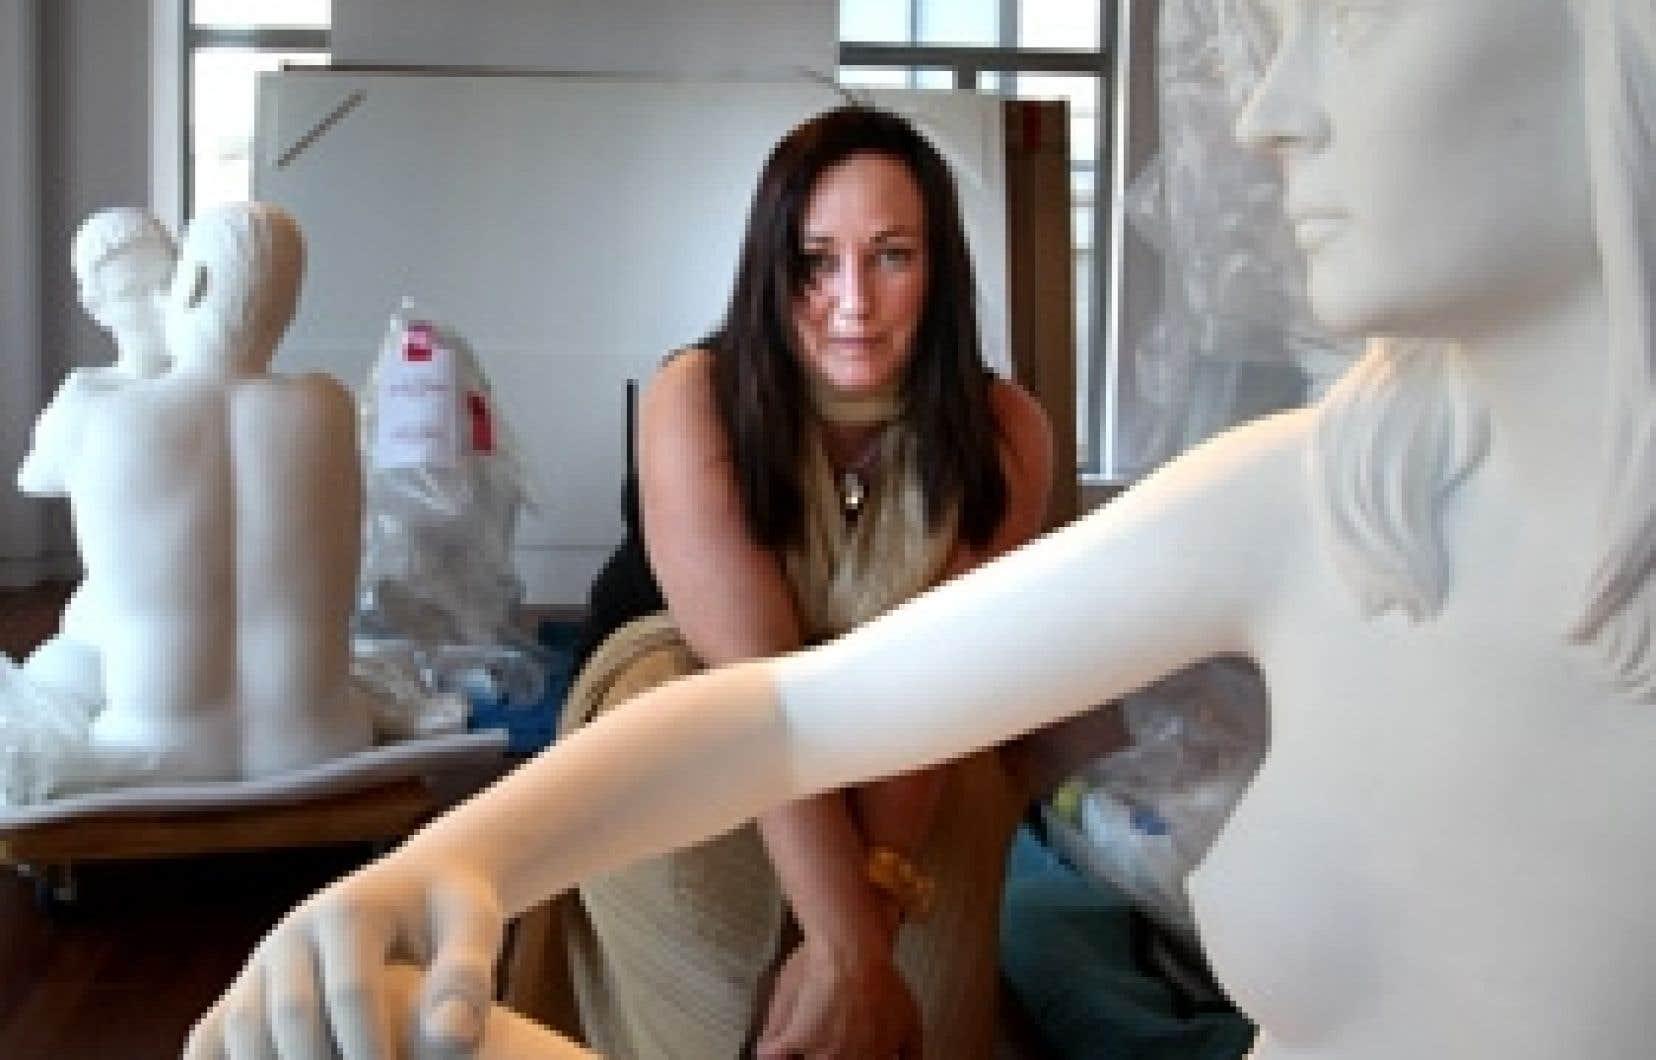 Le secteur privé doit prendre ses responsabilités dans le domaine des arts, estime Pheobe Greenberg, photographiée dans un nouvel espace d'art contemporain, rue Saint-Jean, dans le Vieux-Montréal.